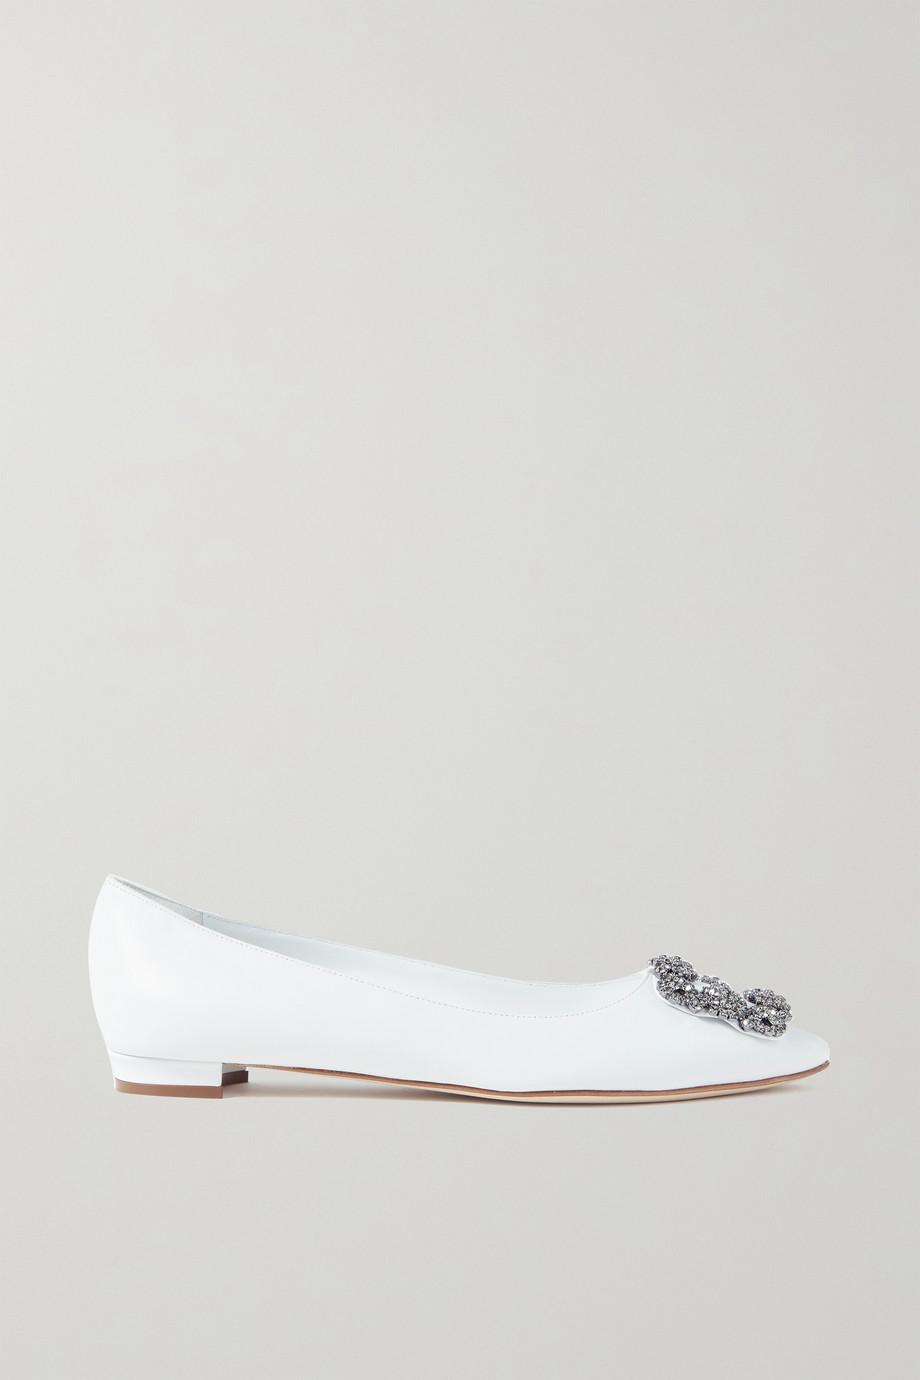 Manolo Blahnik Hangisi embellished leather point-toe flats